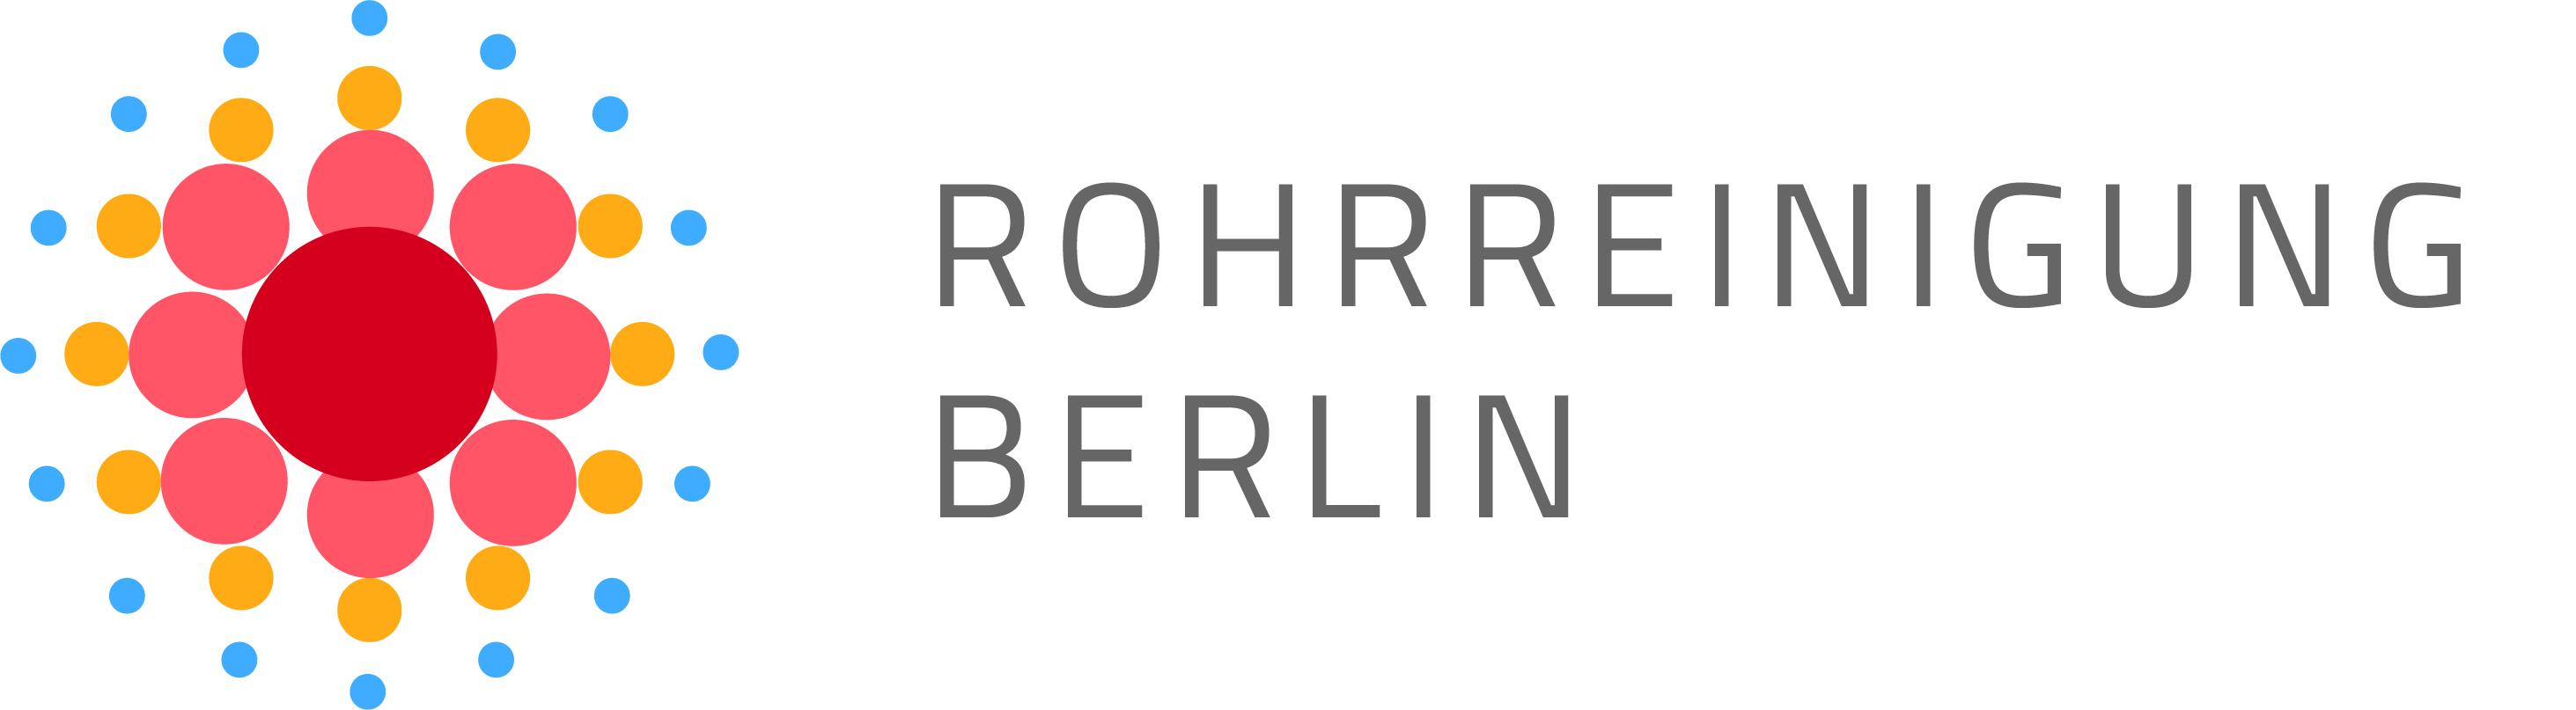 Logo_der_Rohrreinigung_Berlin_2.jpg